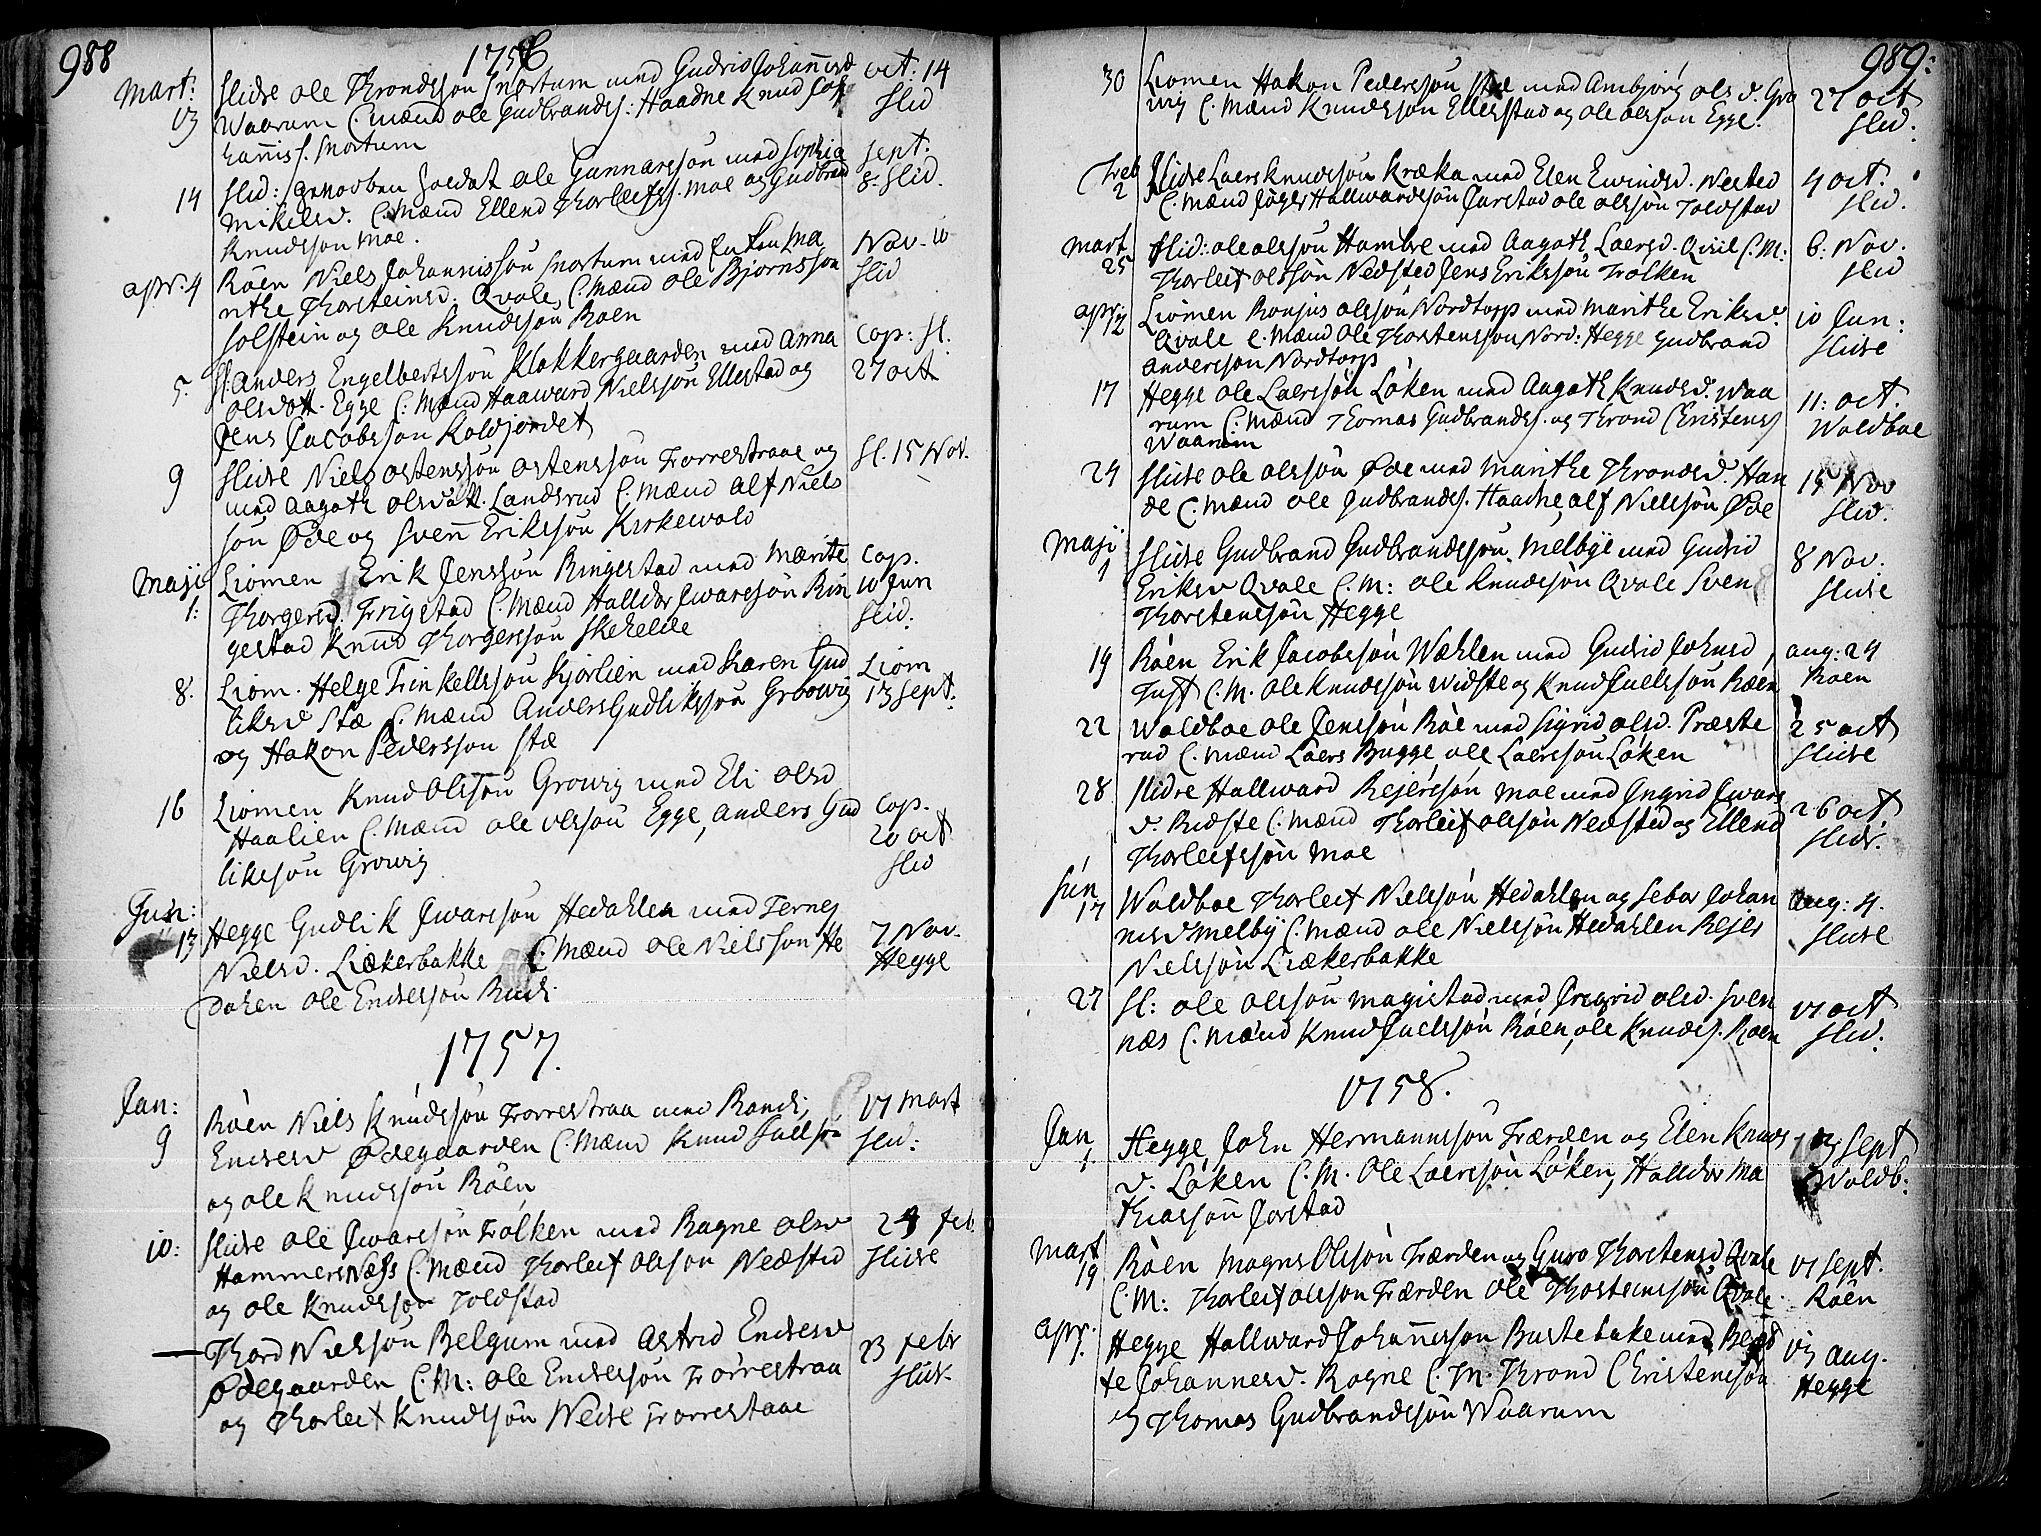 SAH, Slidre prestekontor, Ministerialbok nr. 1, 1724-1814, s. 988-989